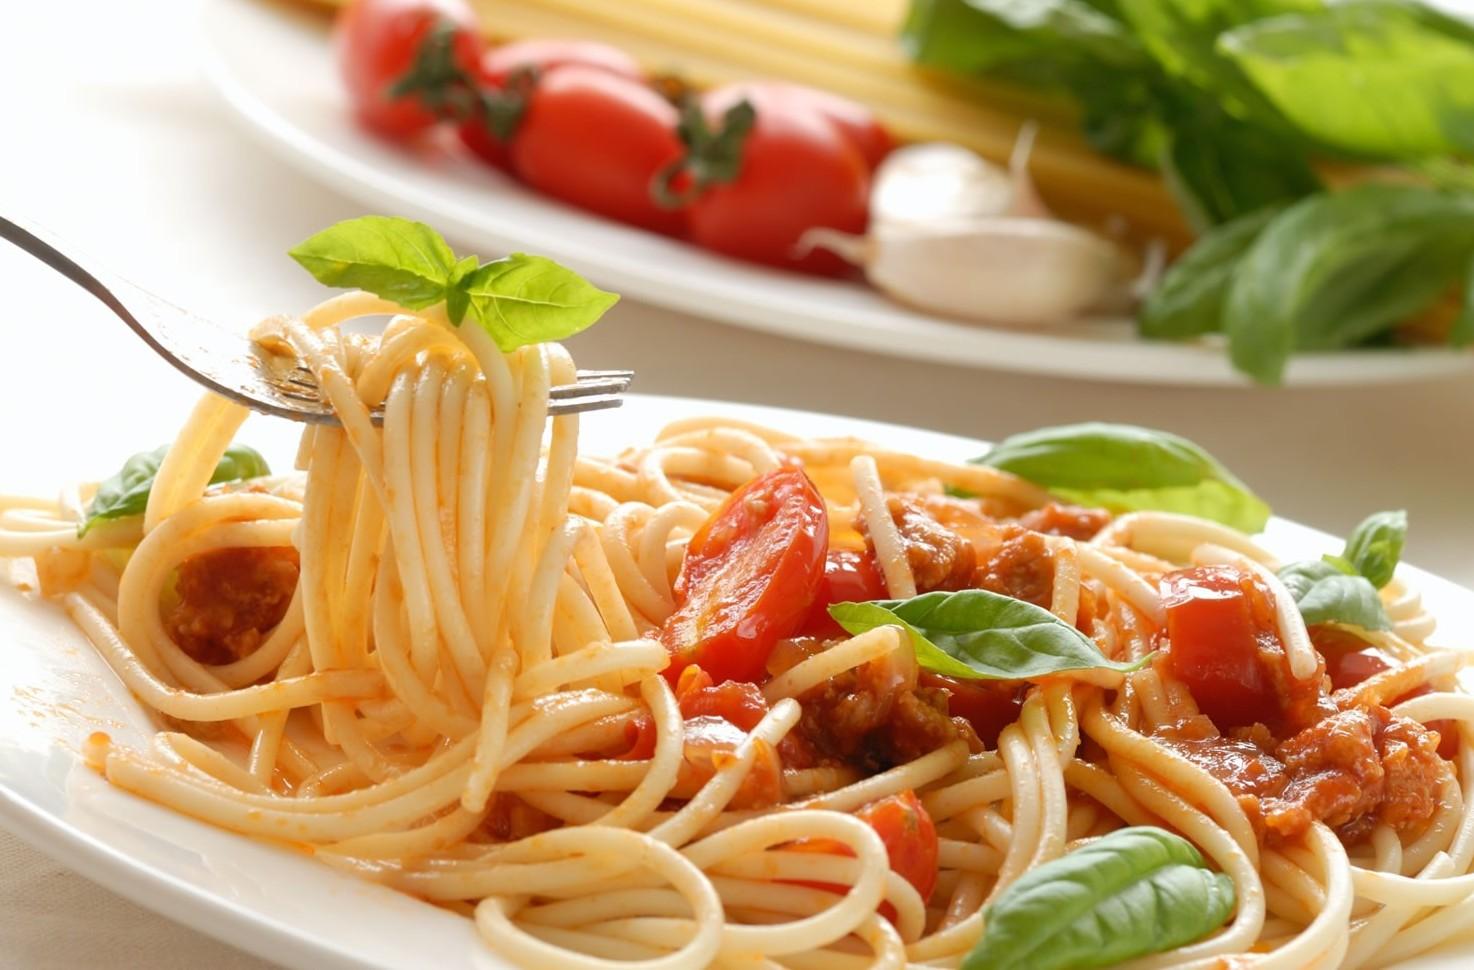 Dieta Dukan: alcuni elementi introdotti